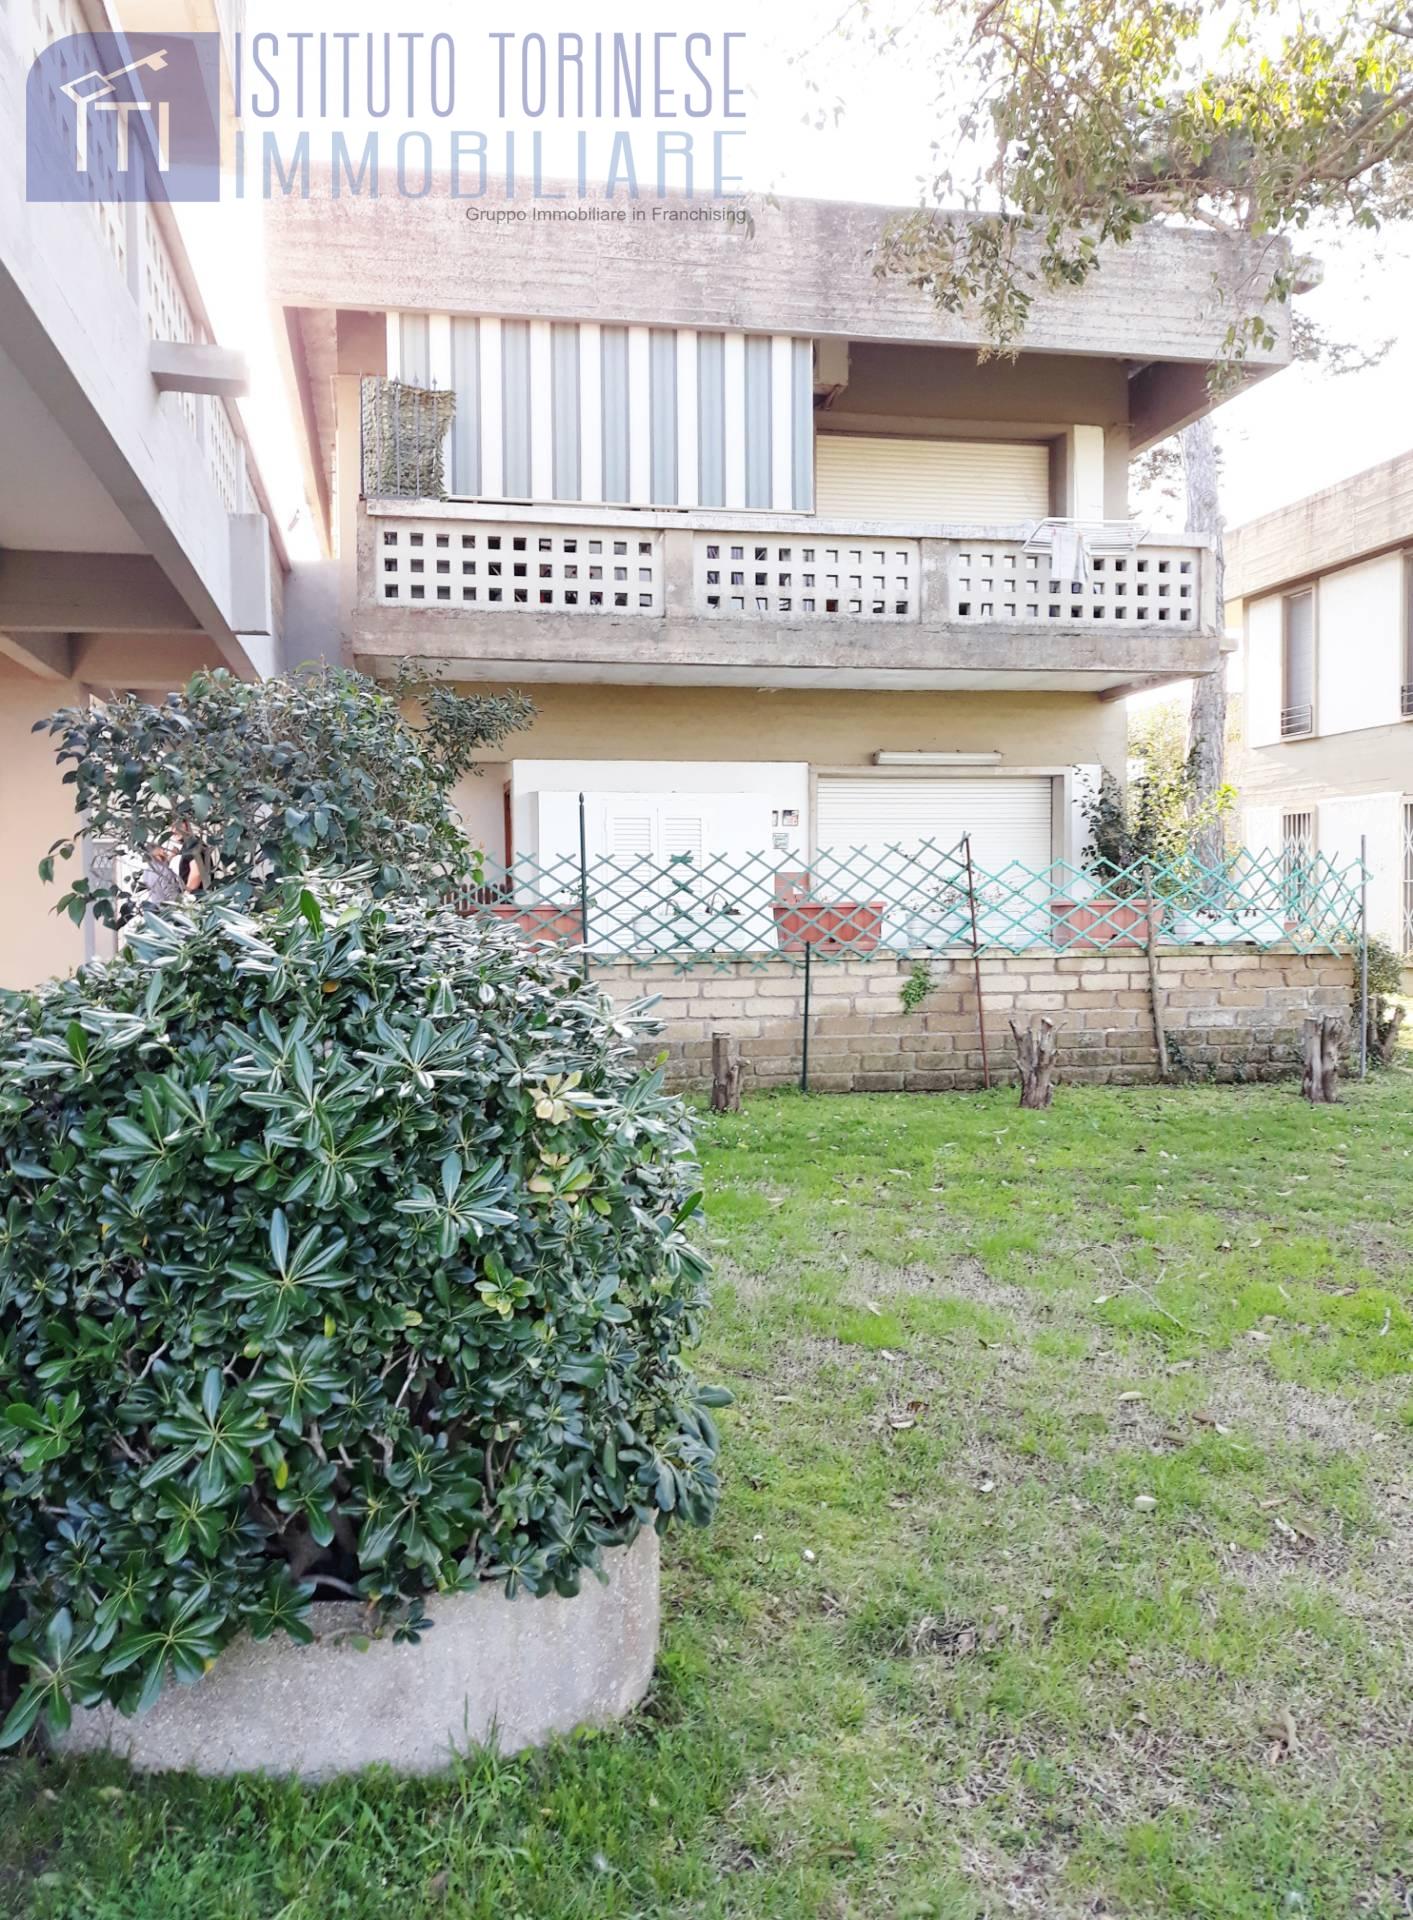 Appartamento in vendita a Ardea, 3 locali, zona Località: NUOVACALIFORNIA, prezzo € 59.000   PortaleAgenzieImmobiliari.it